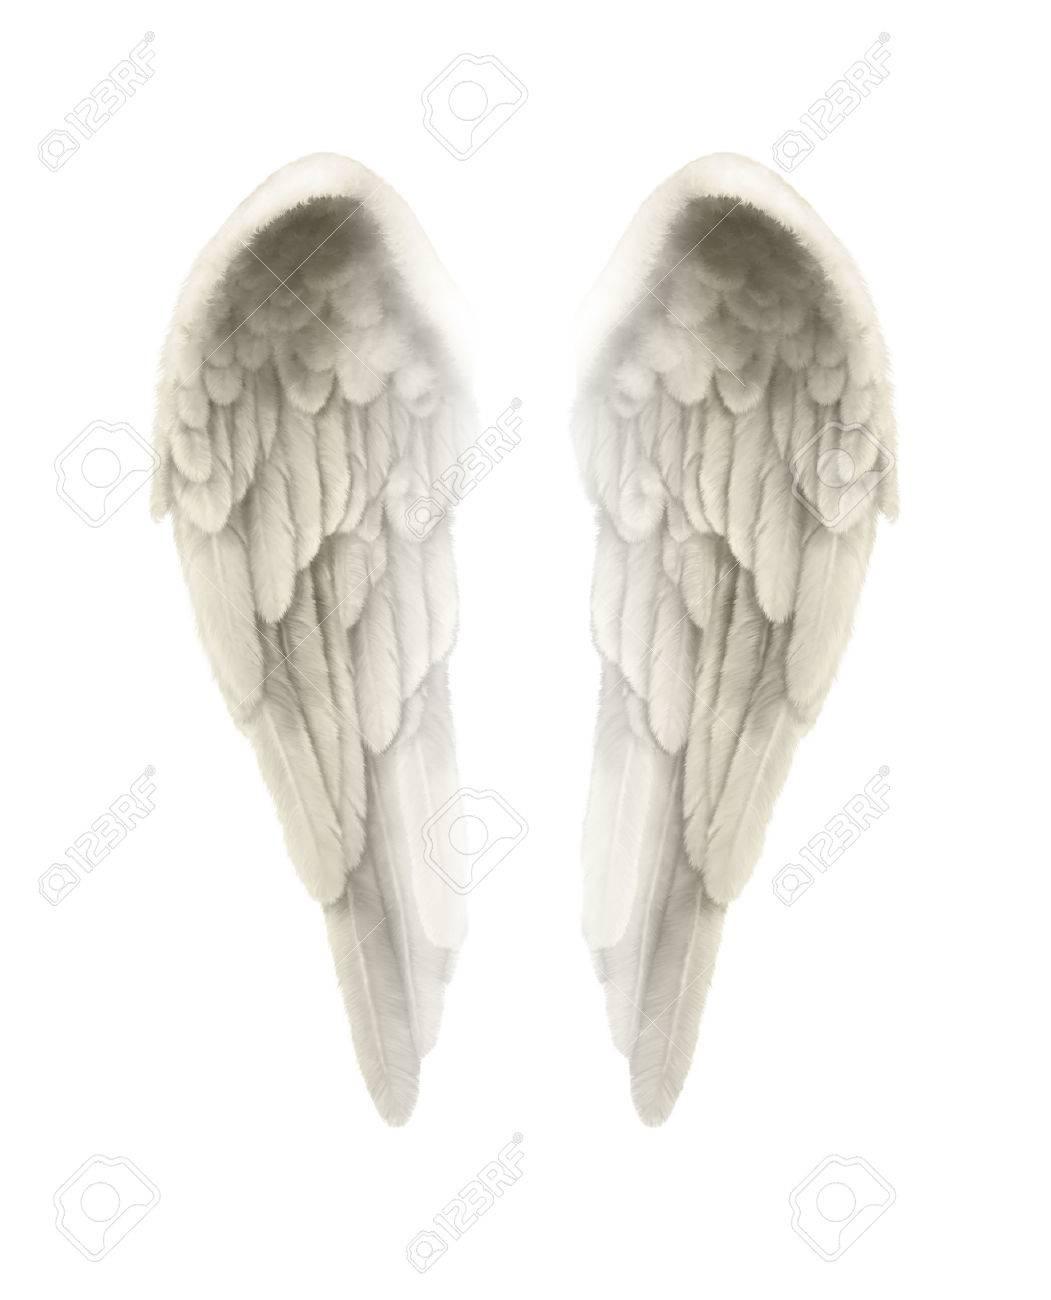 Aile D Ange 3d illustration d'ailes d'ange, isolé, sur fond blanc - finement